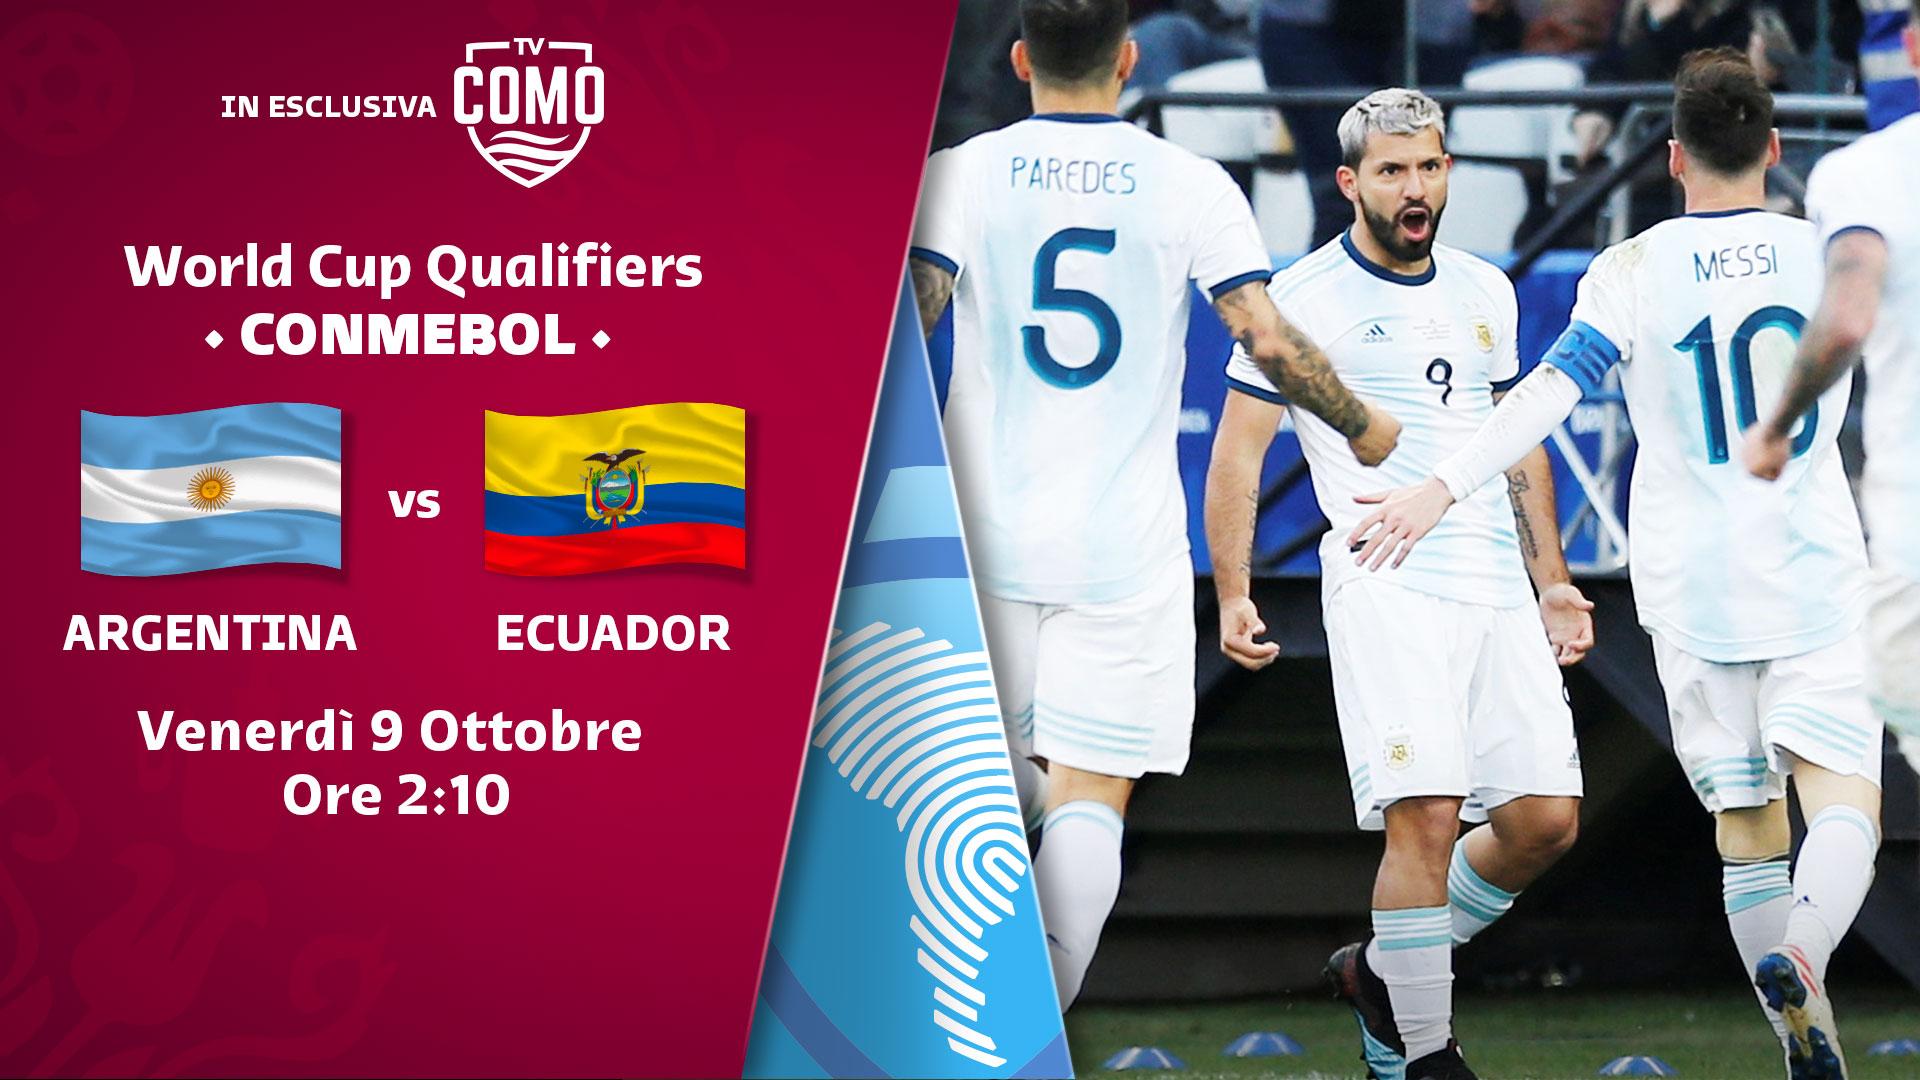 Como Tv acquisisce i diritti italiani per le qualificazioni ai mondiali del Sudamerica.